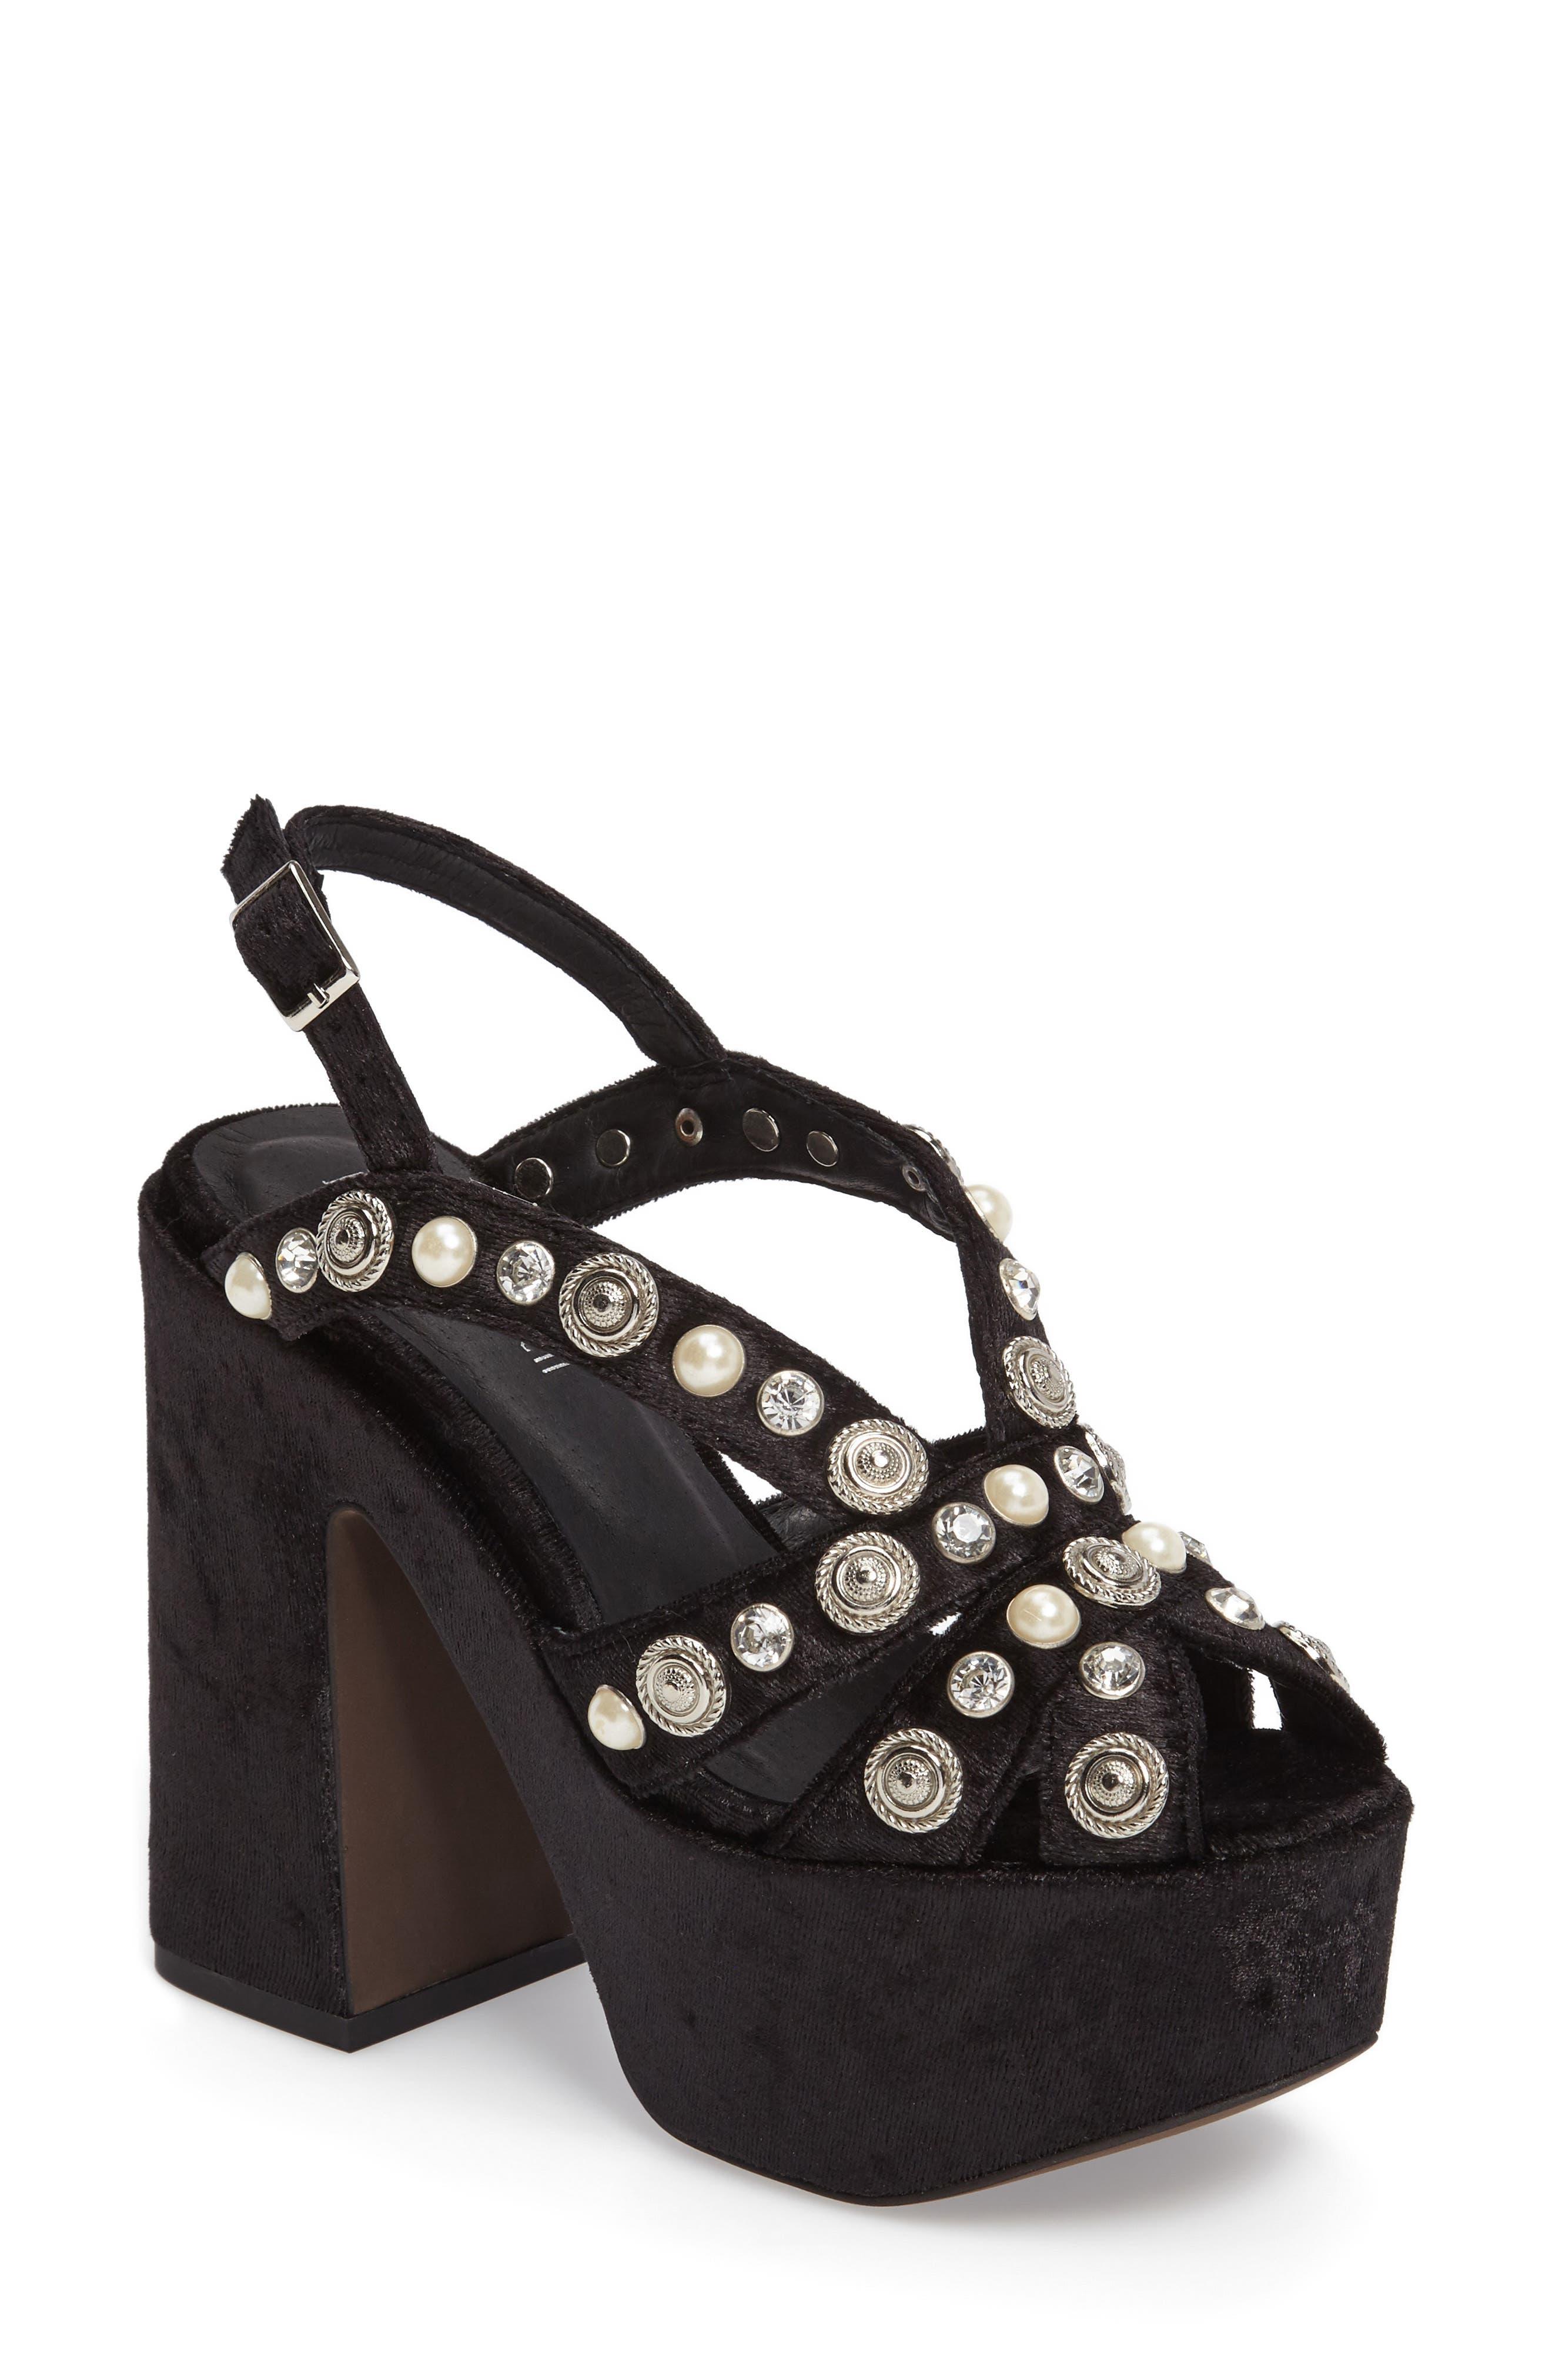 Alternate Image 1 Selected - Jeffrey Campbell Briston Embellished Platform Sandal (Women)